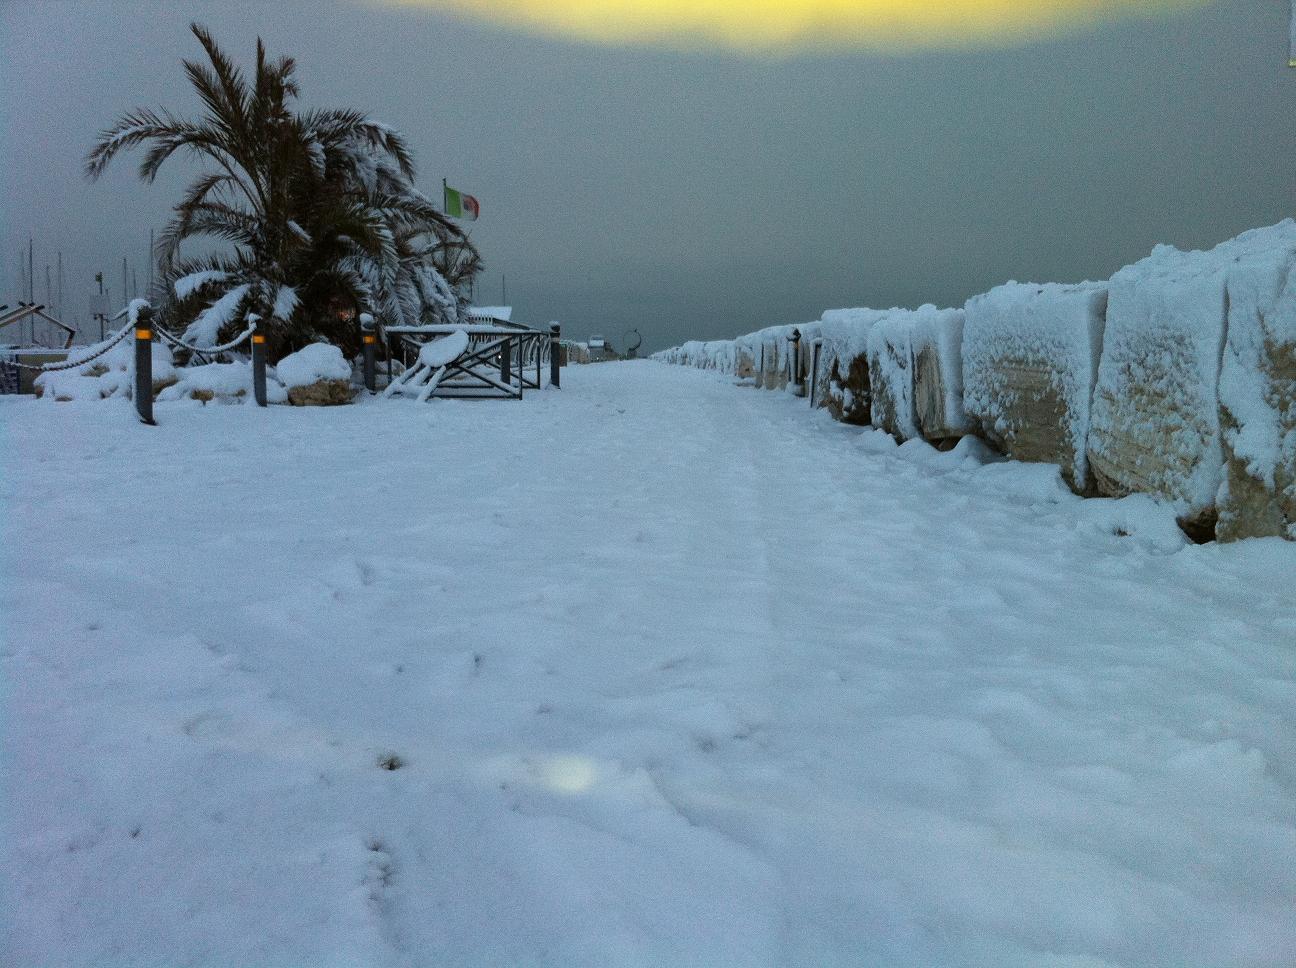 Neve a San Benedetto, 3 febbraio 2012 foto di Mariano Vannicola 2